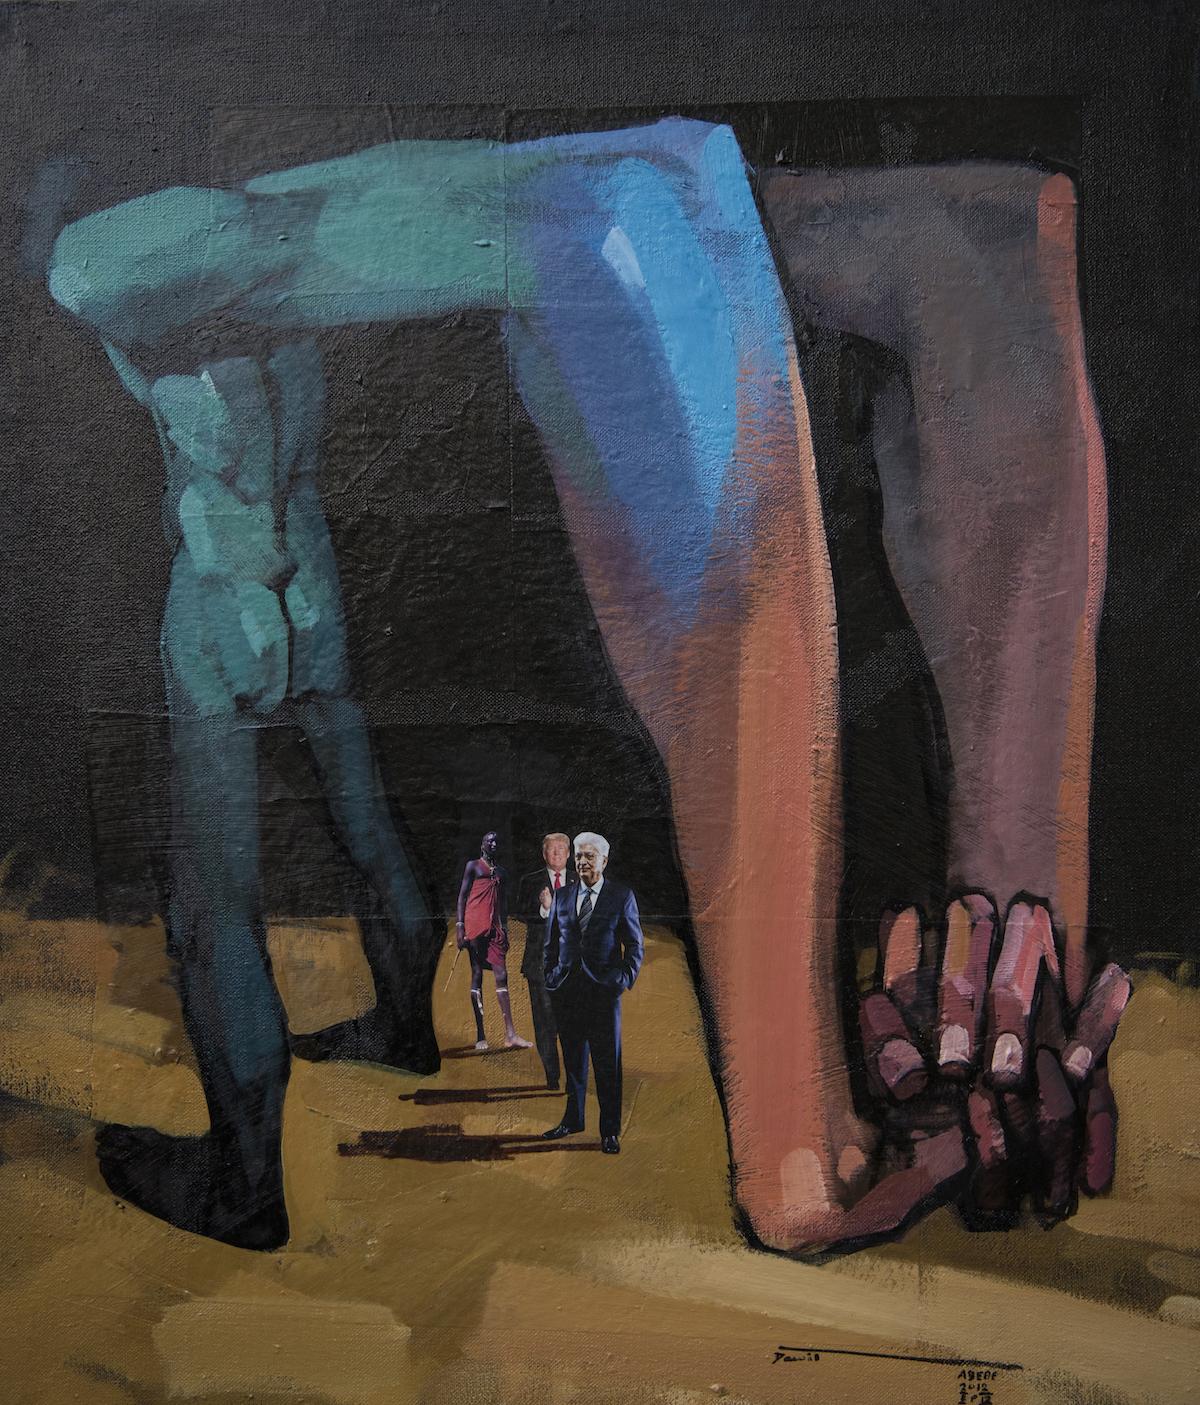 Dawit Abebe Long Hands 8, 2019. Courtesy Kristin Hjellegjerde Gallery